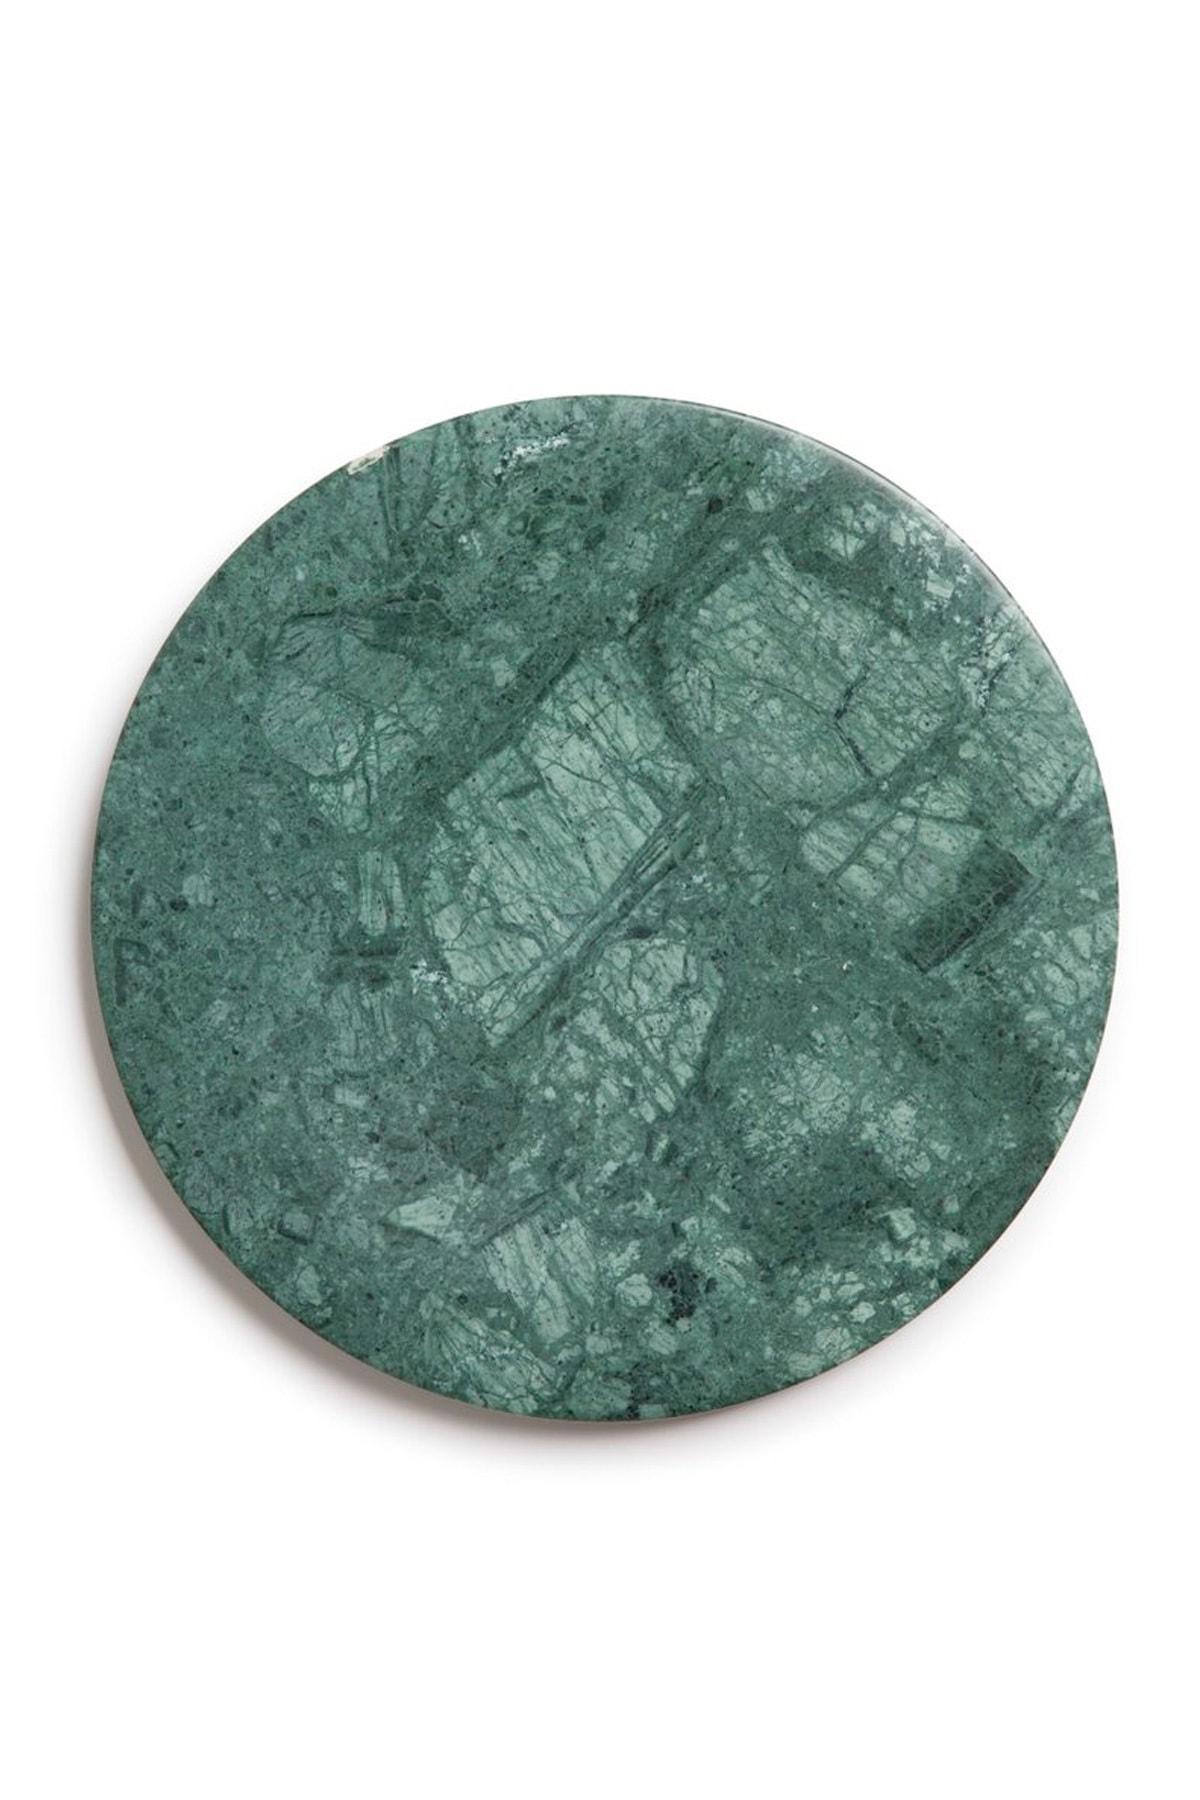 Fosil Mermer Yuvarlak Sunum Ve Servis Tepsisi, Kesim Tablası, Peynir Tabağı - Yeşil Mermer 2